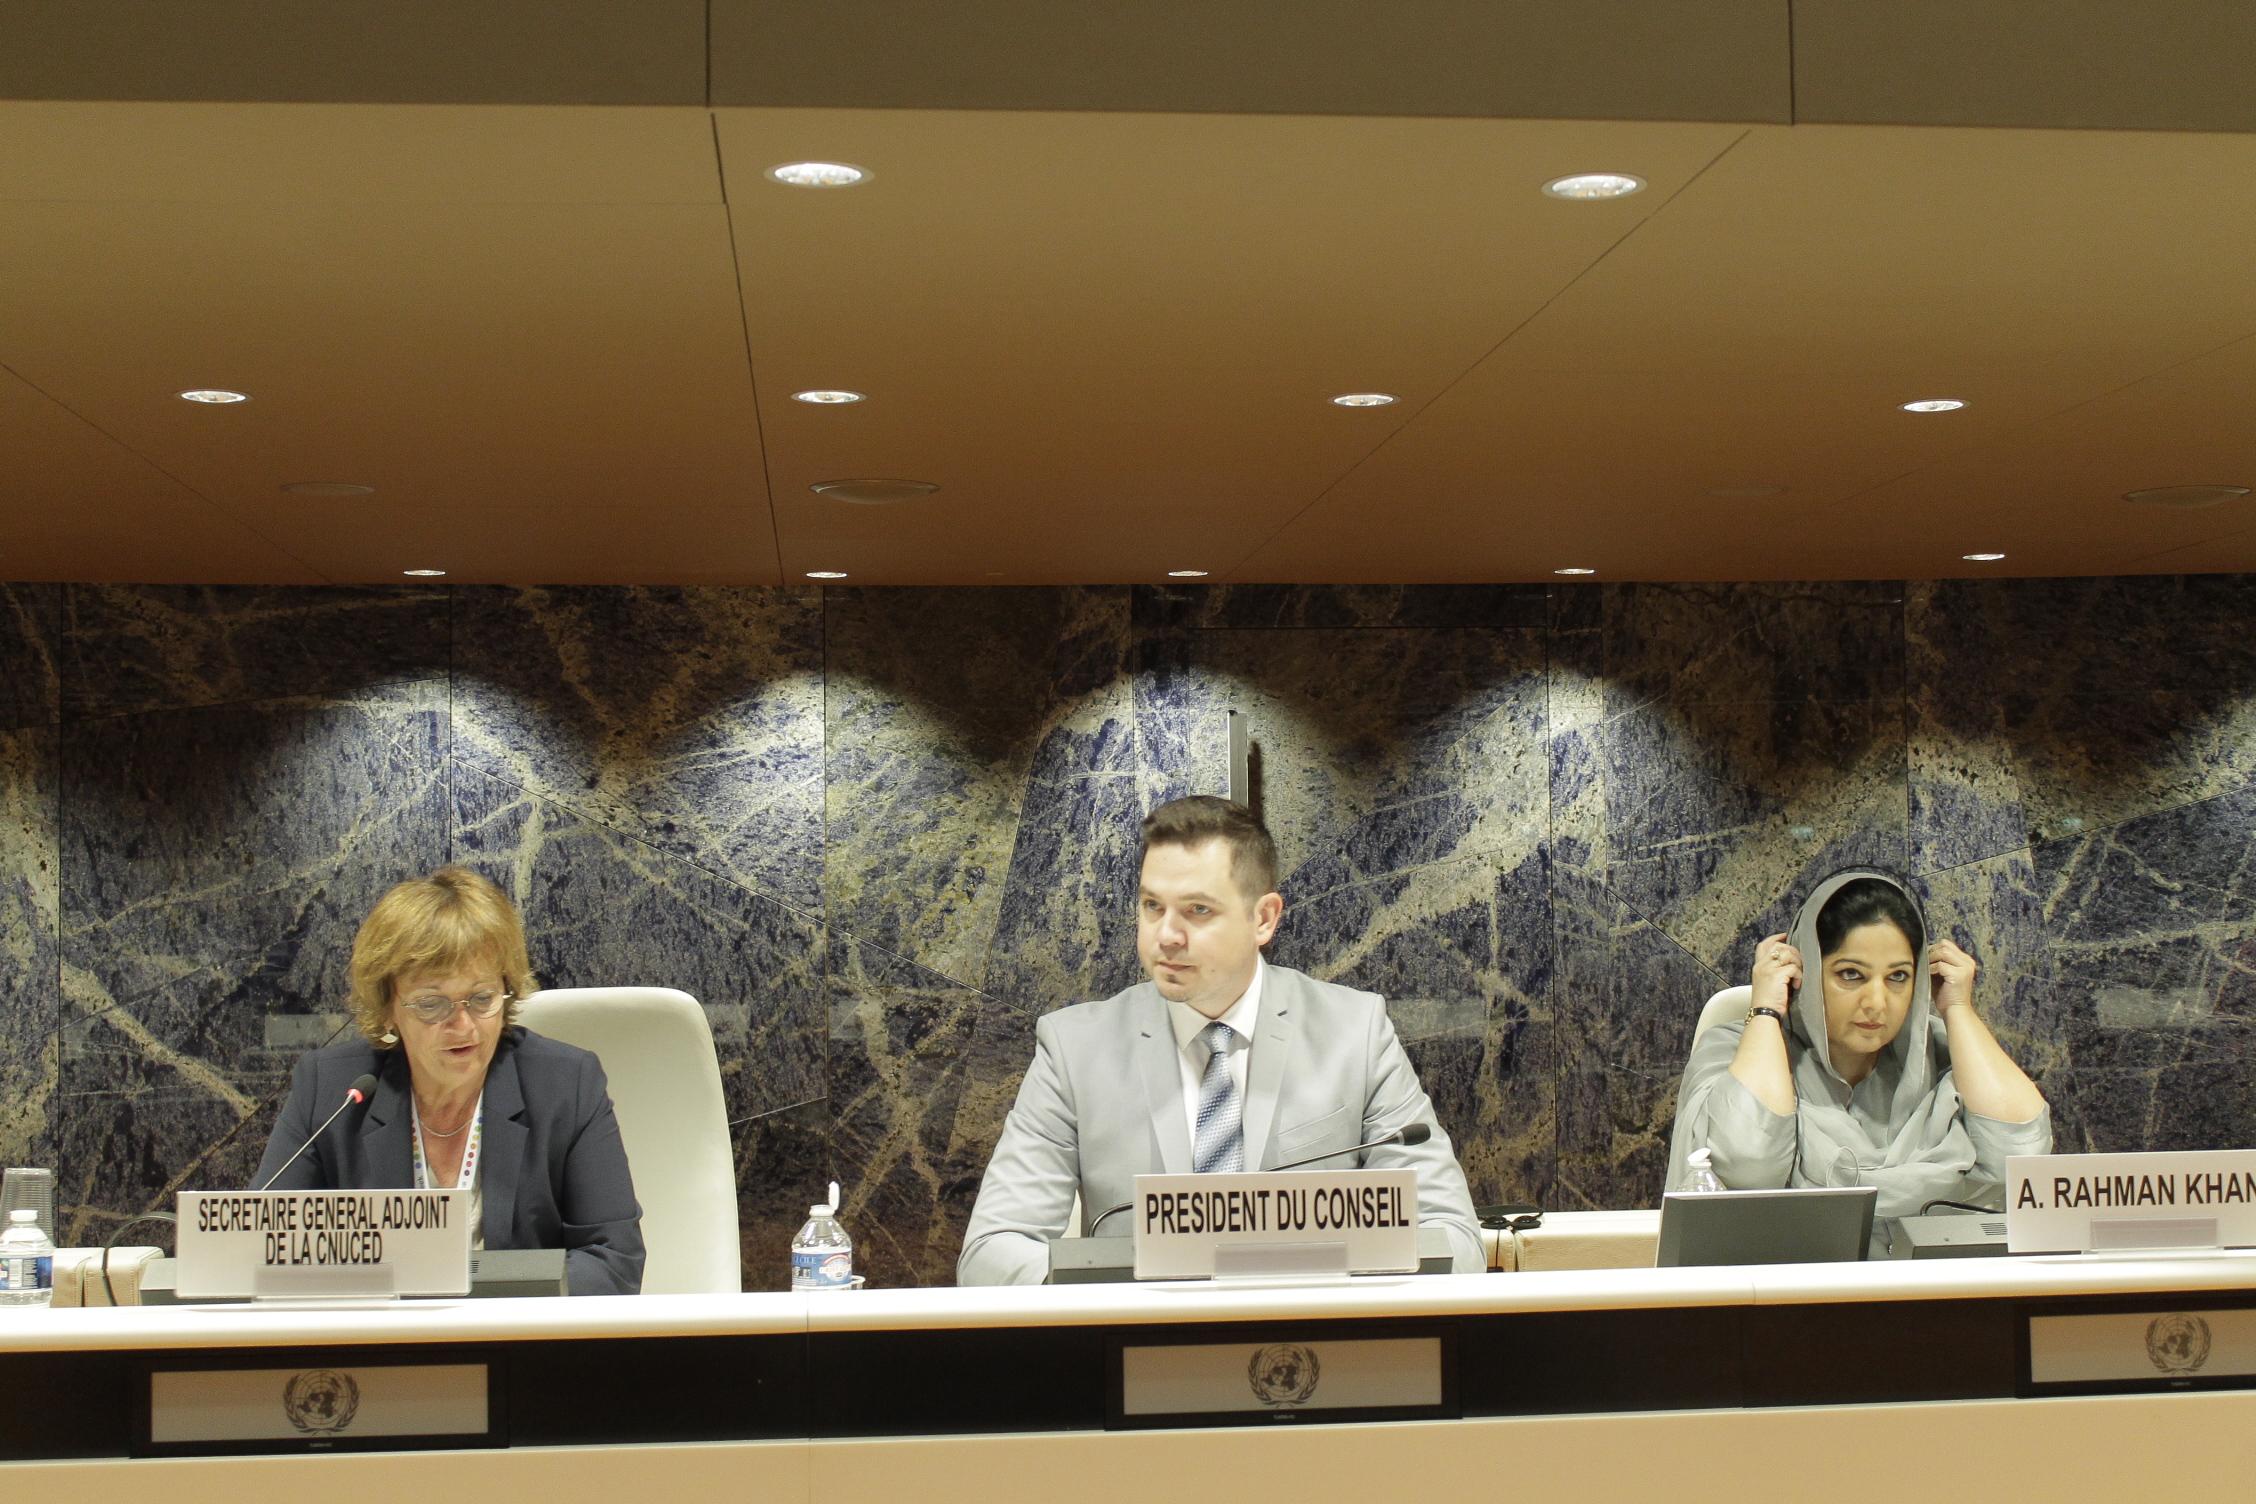 Studiu: Republica Moldova se clasează pe locul 11 în ce privește oportunitățile economice digitale pentru femei